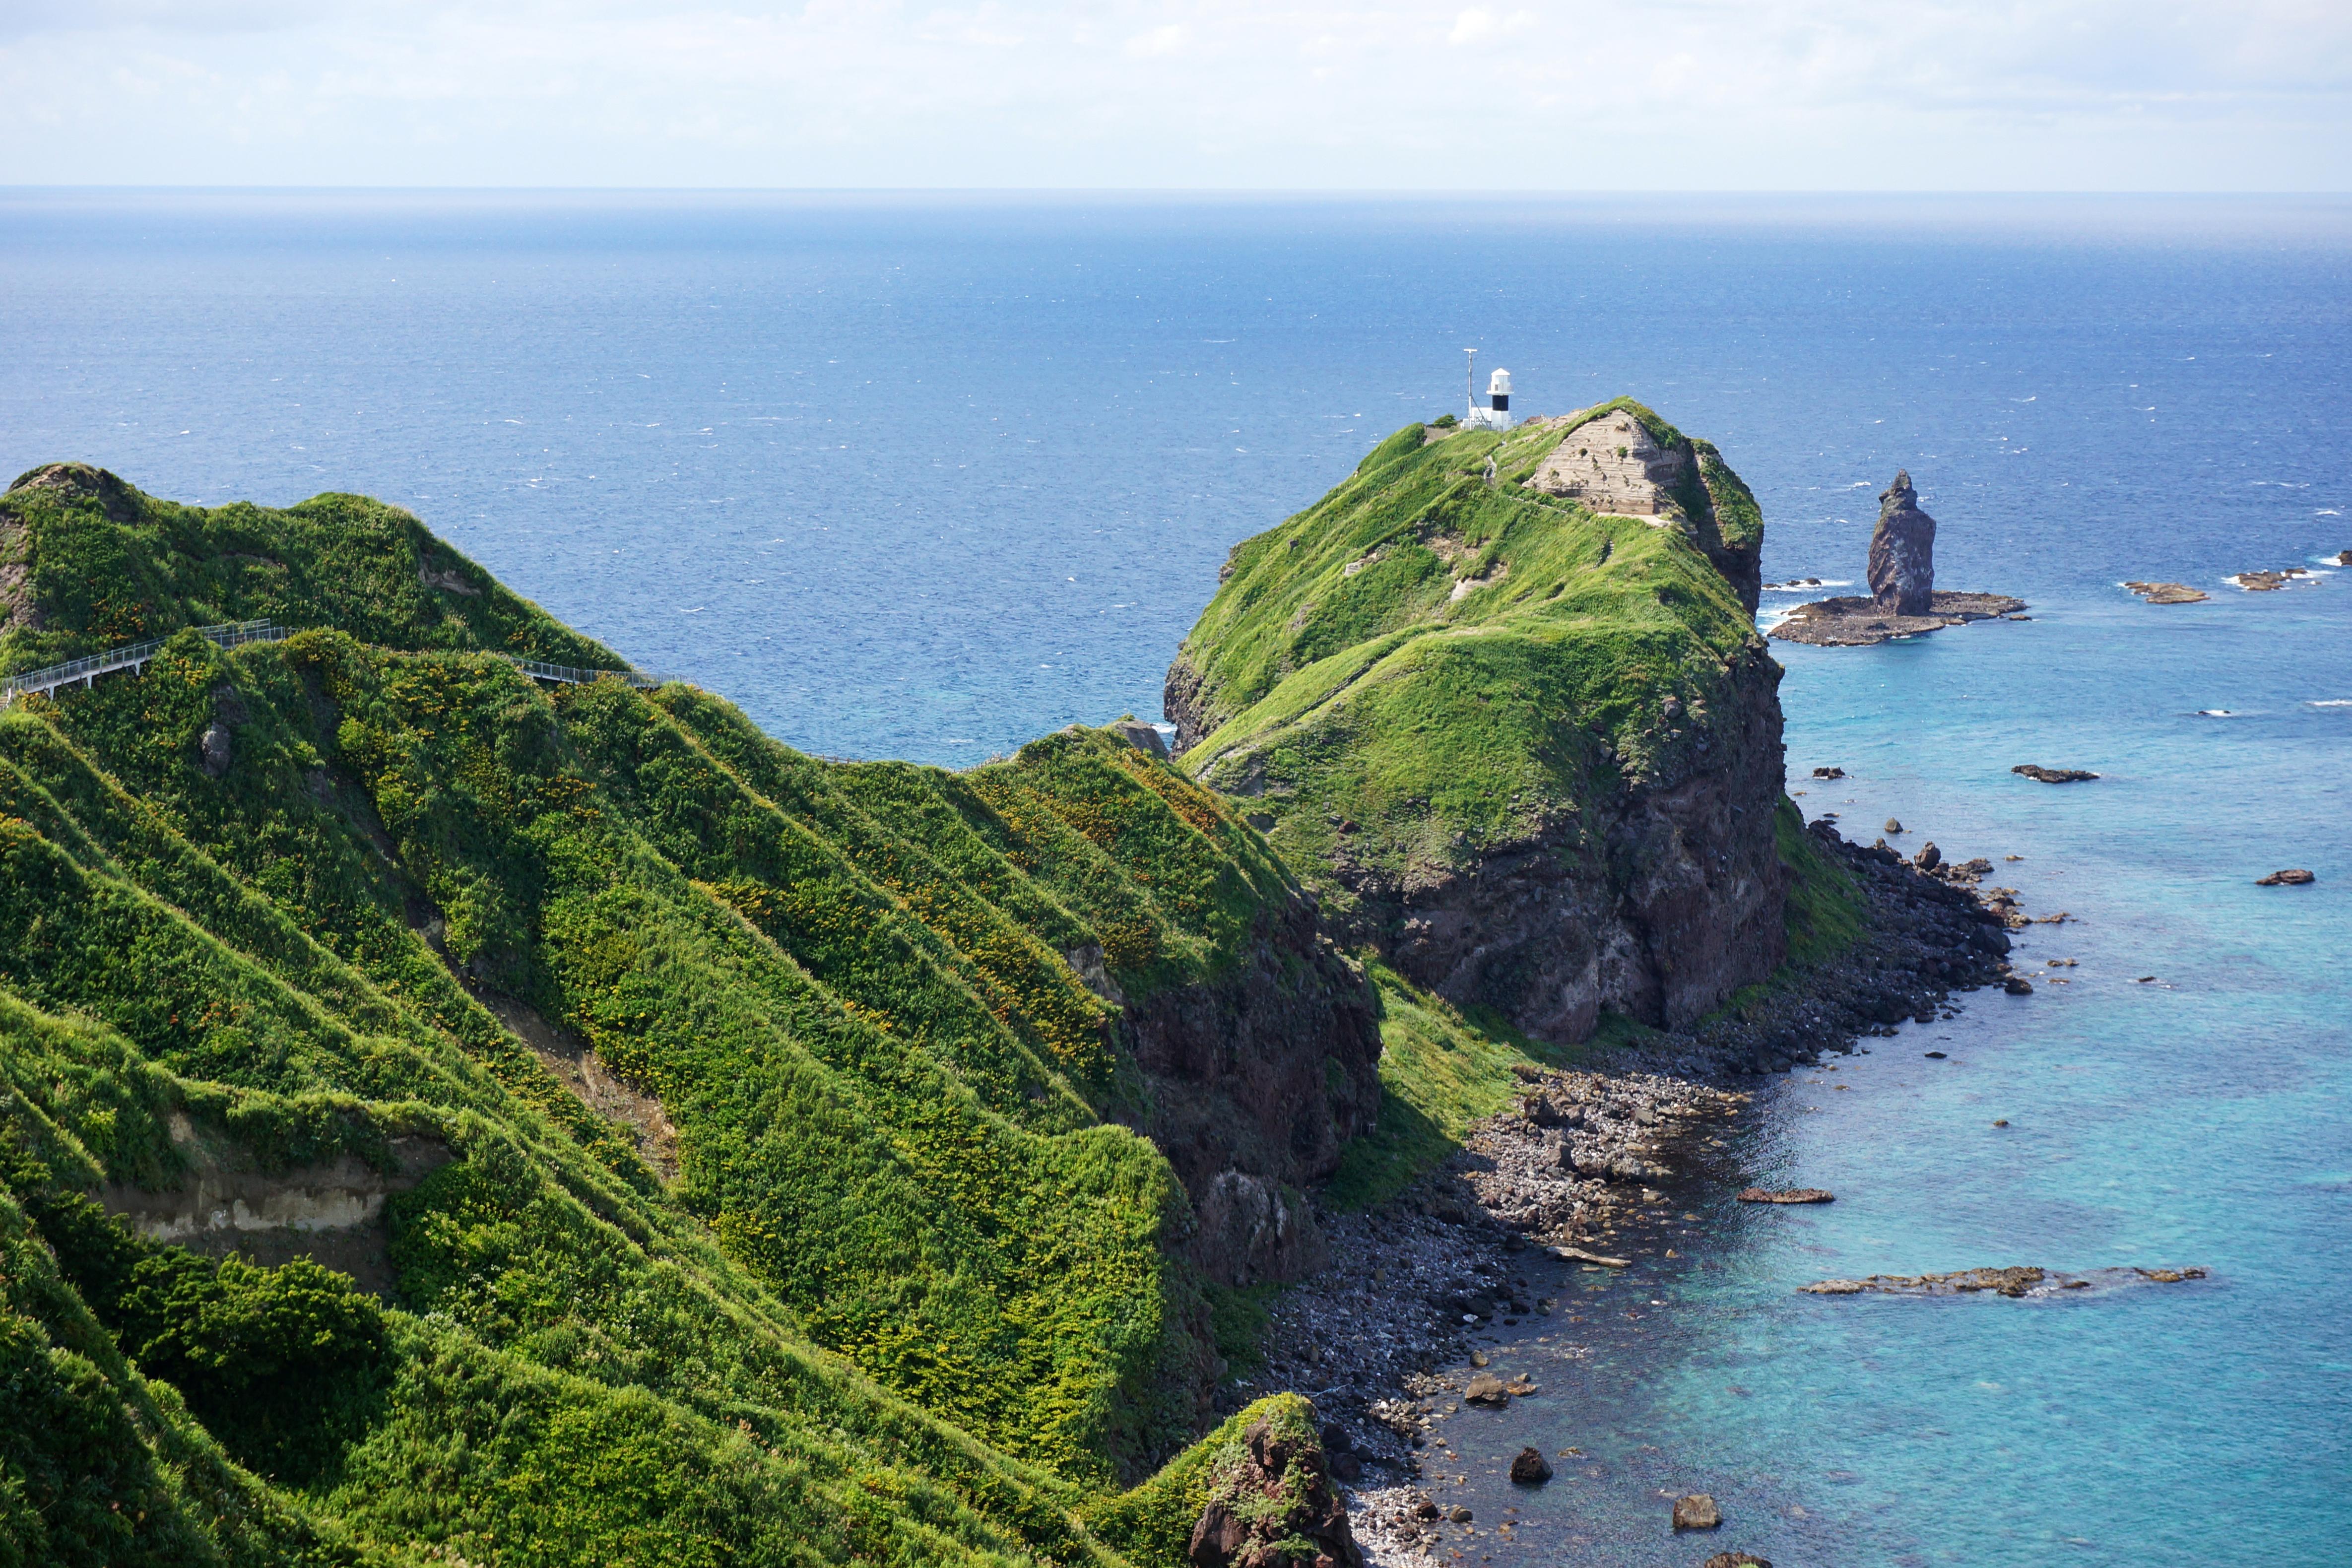 130823 Cape Kamui Shakotan Hokkaido Japan01s3.jpg